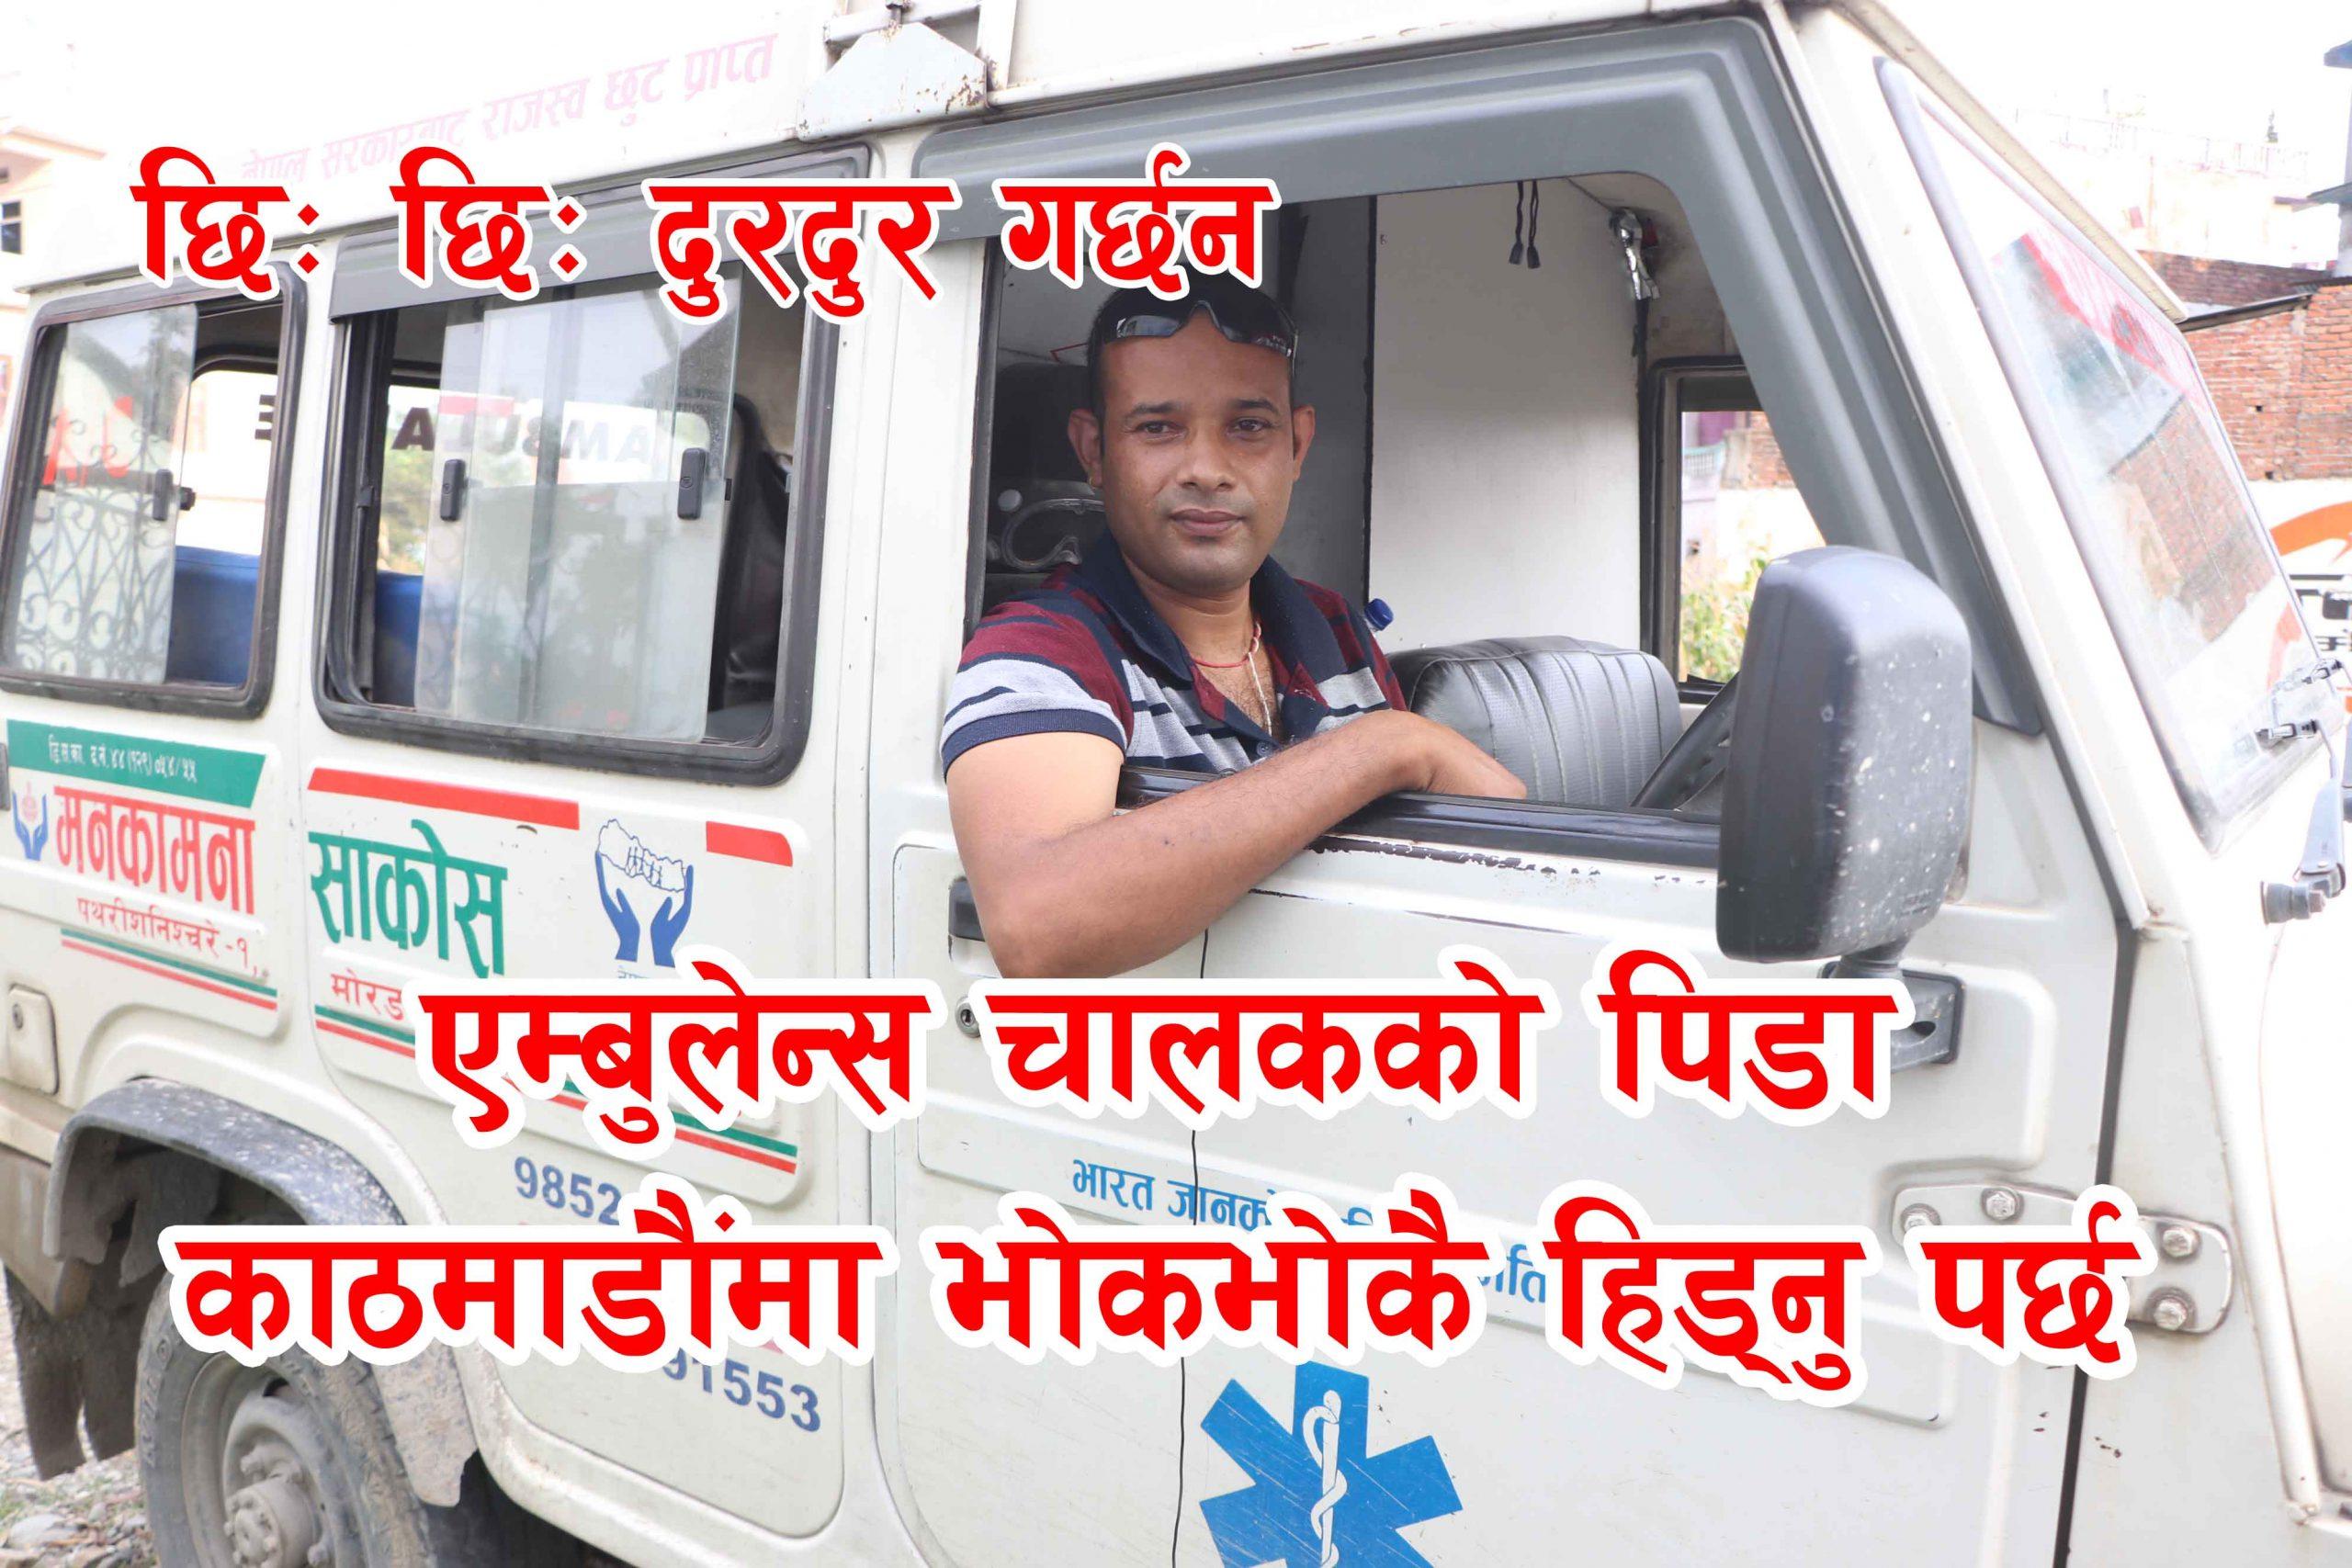 एम्बुलेन्स चालकको पिडा, काठमाडौंमा भोक भोकै हिड्नु पर्छ छिः छिः दुरदुर गर्छन । (भिडियो सहित)